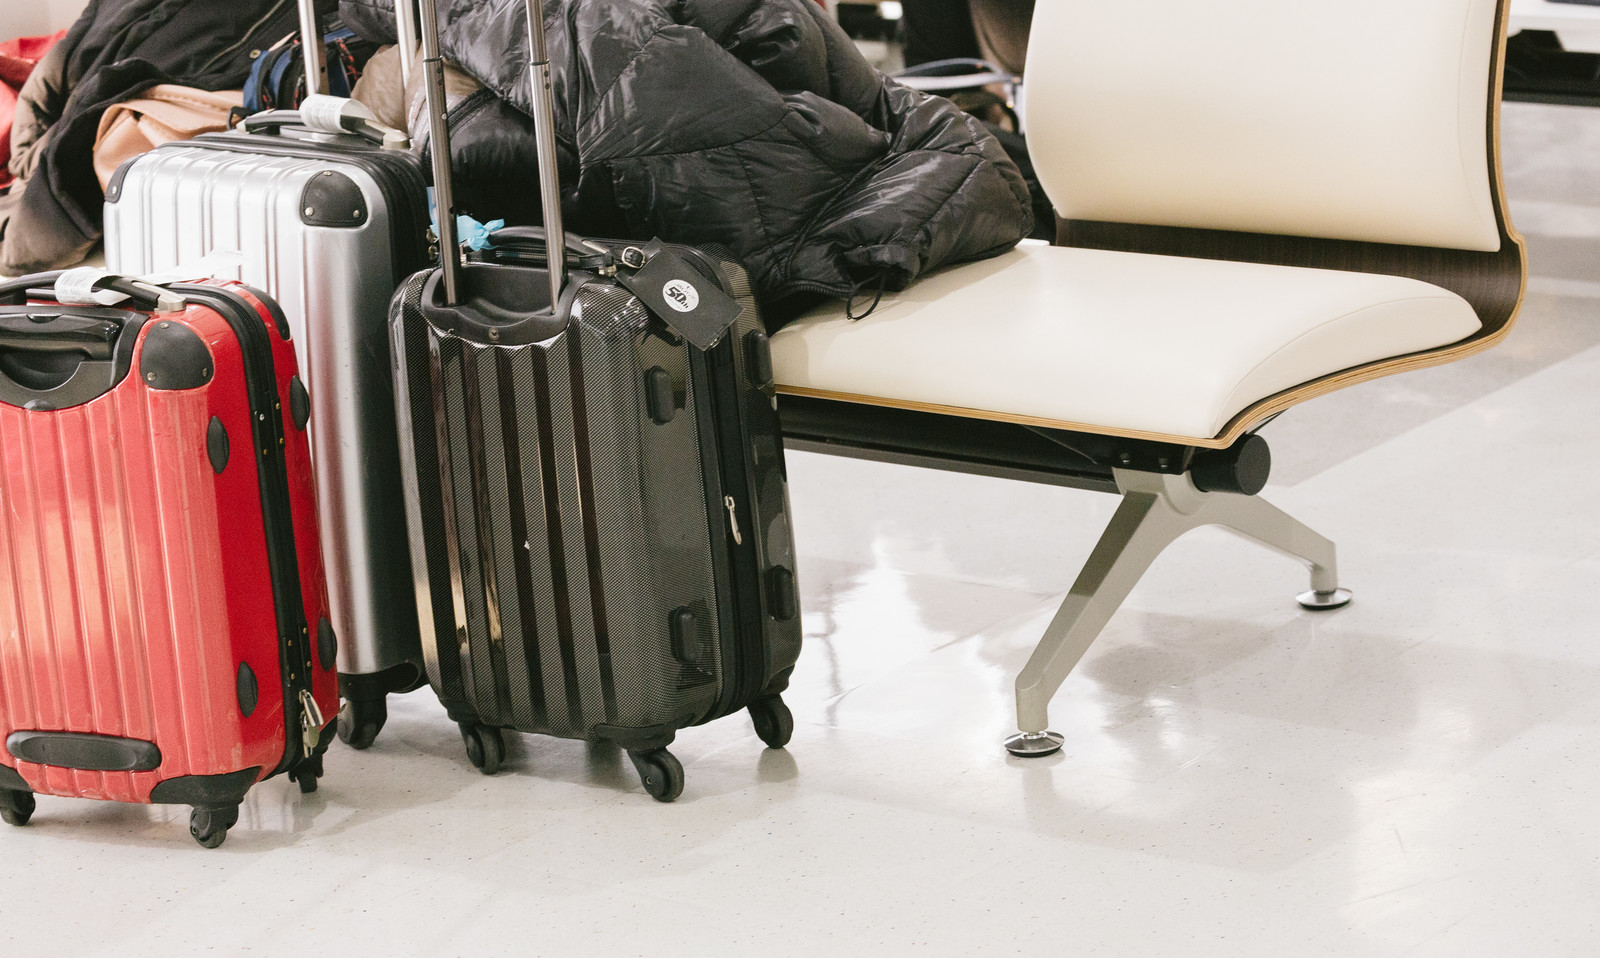 【韓国語】財布やカバンを盗まれた(なくした)ときに使えるフレーズ集